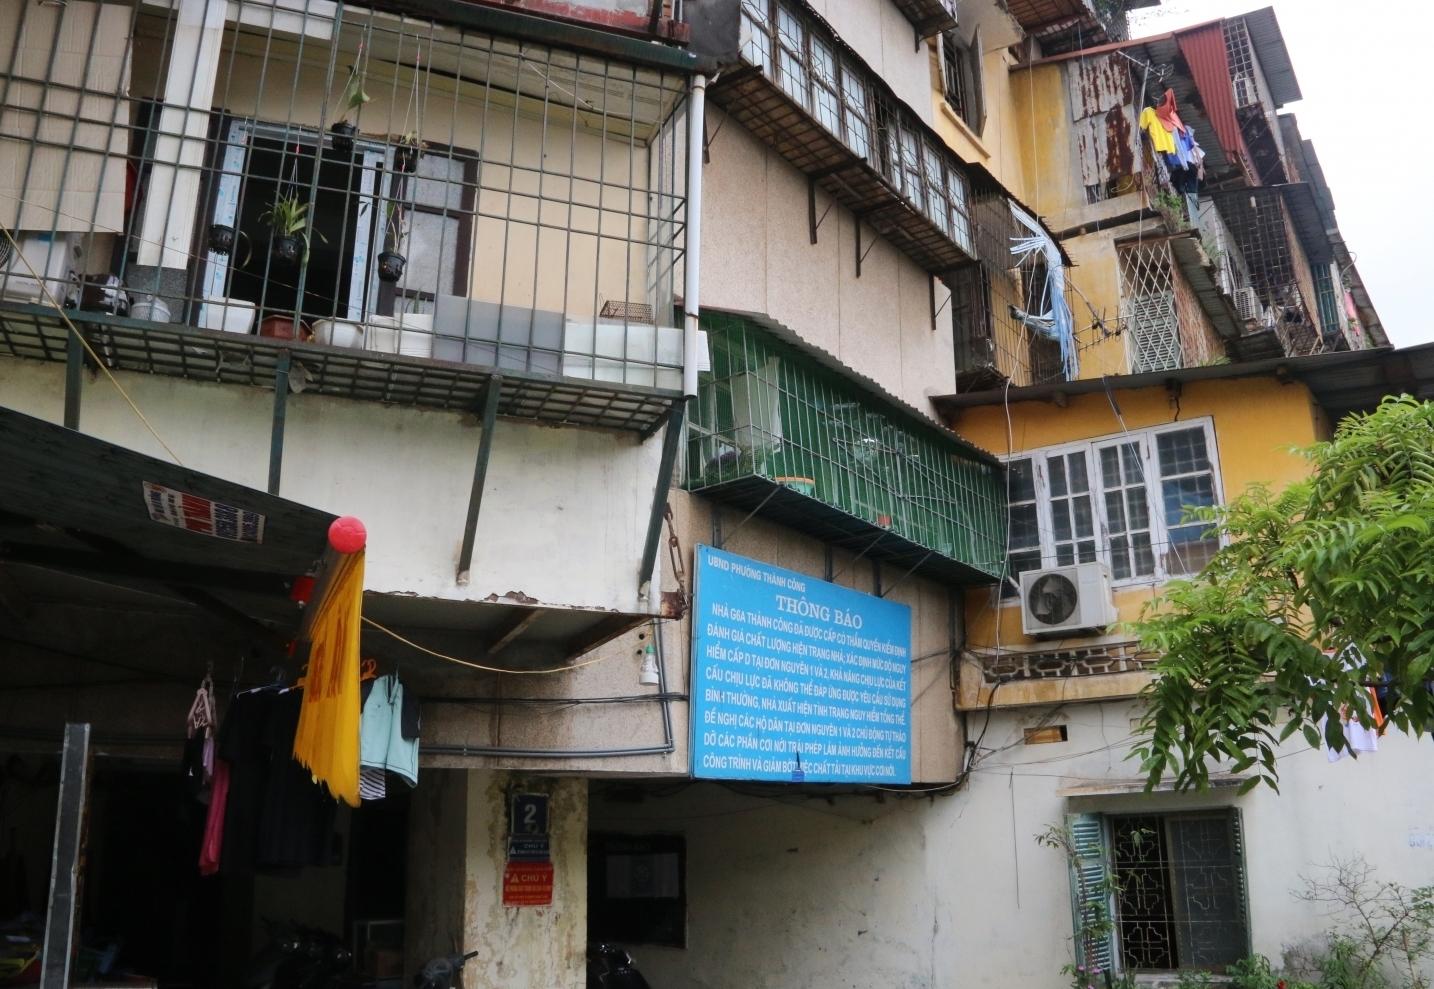 Hà Nội: Kiến nghị khẩn trương cải tạo chung cư cũ Thành Công